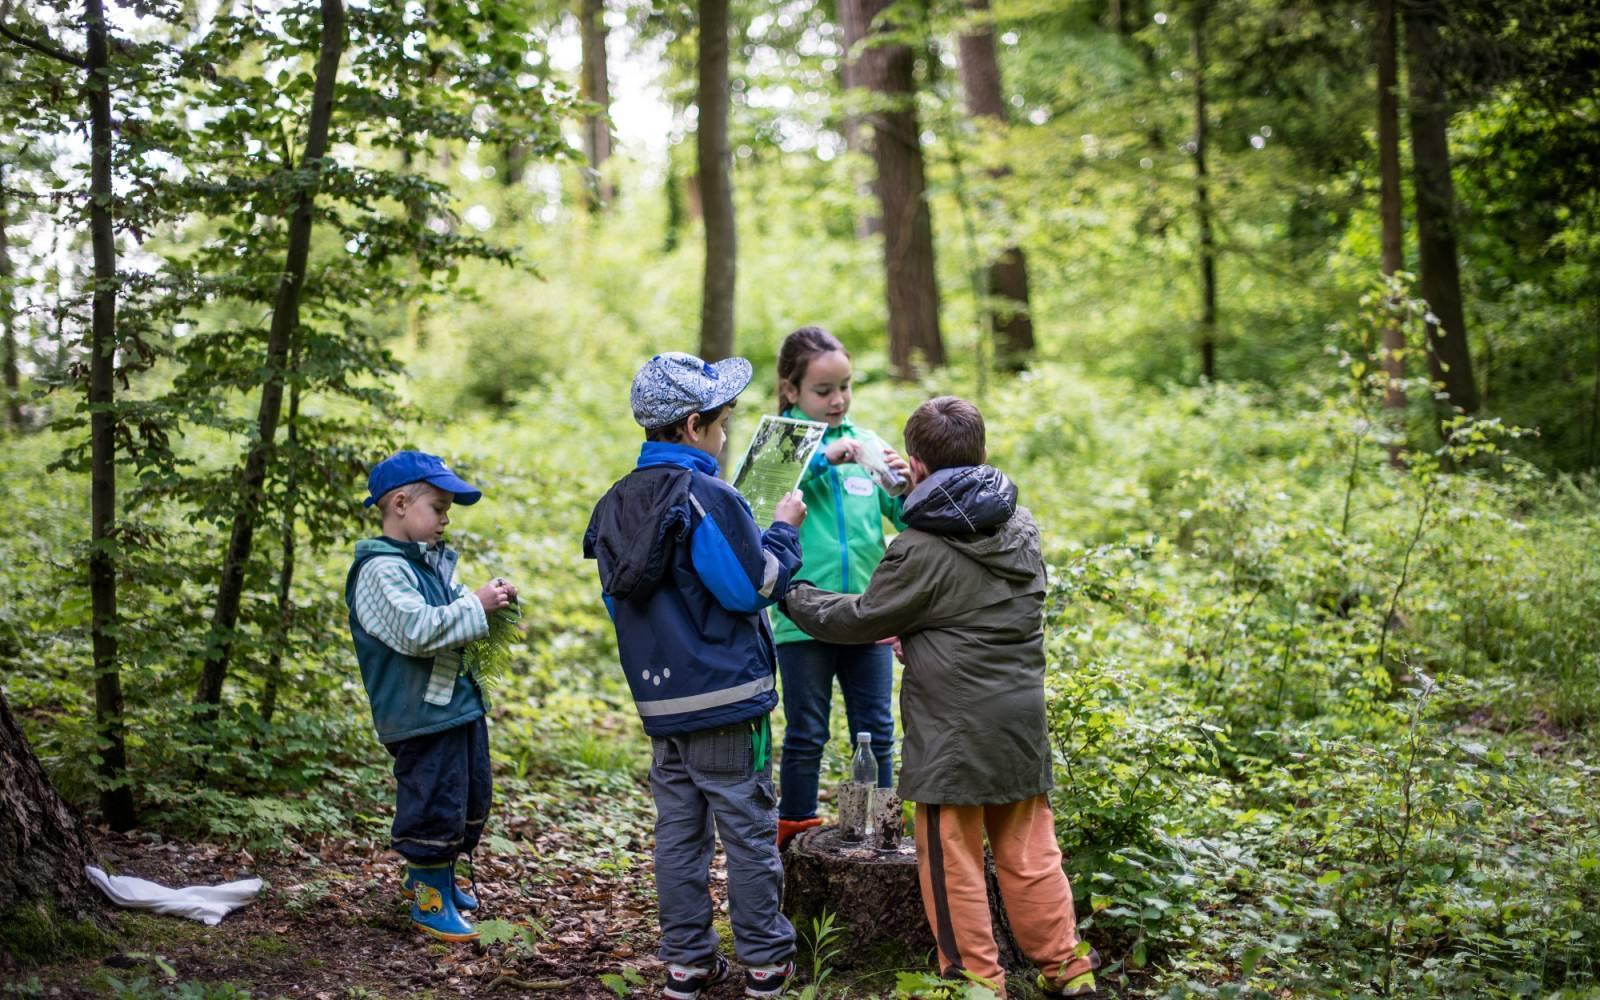 Draussen unterrichten - vier Kinder lösen eine Aufgabe im Wald